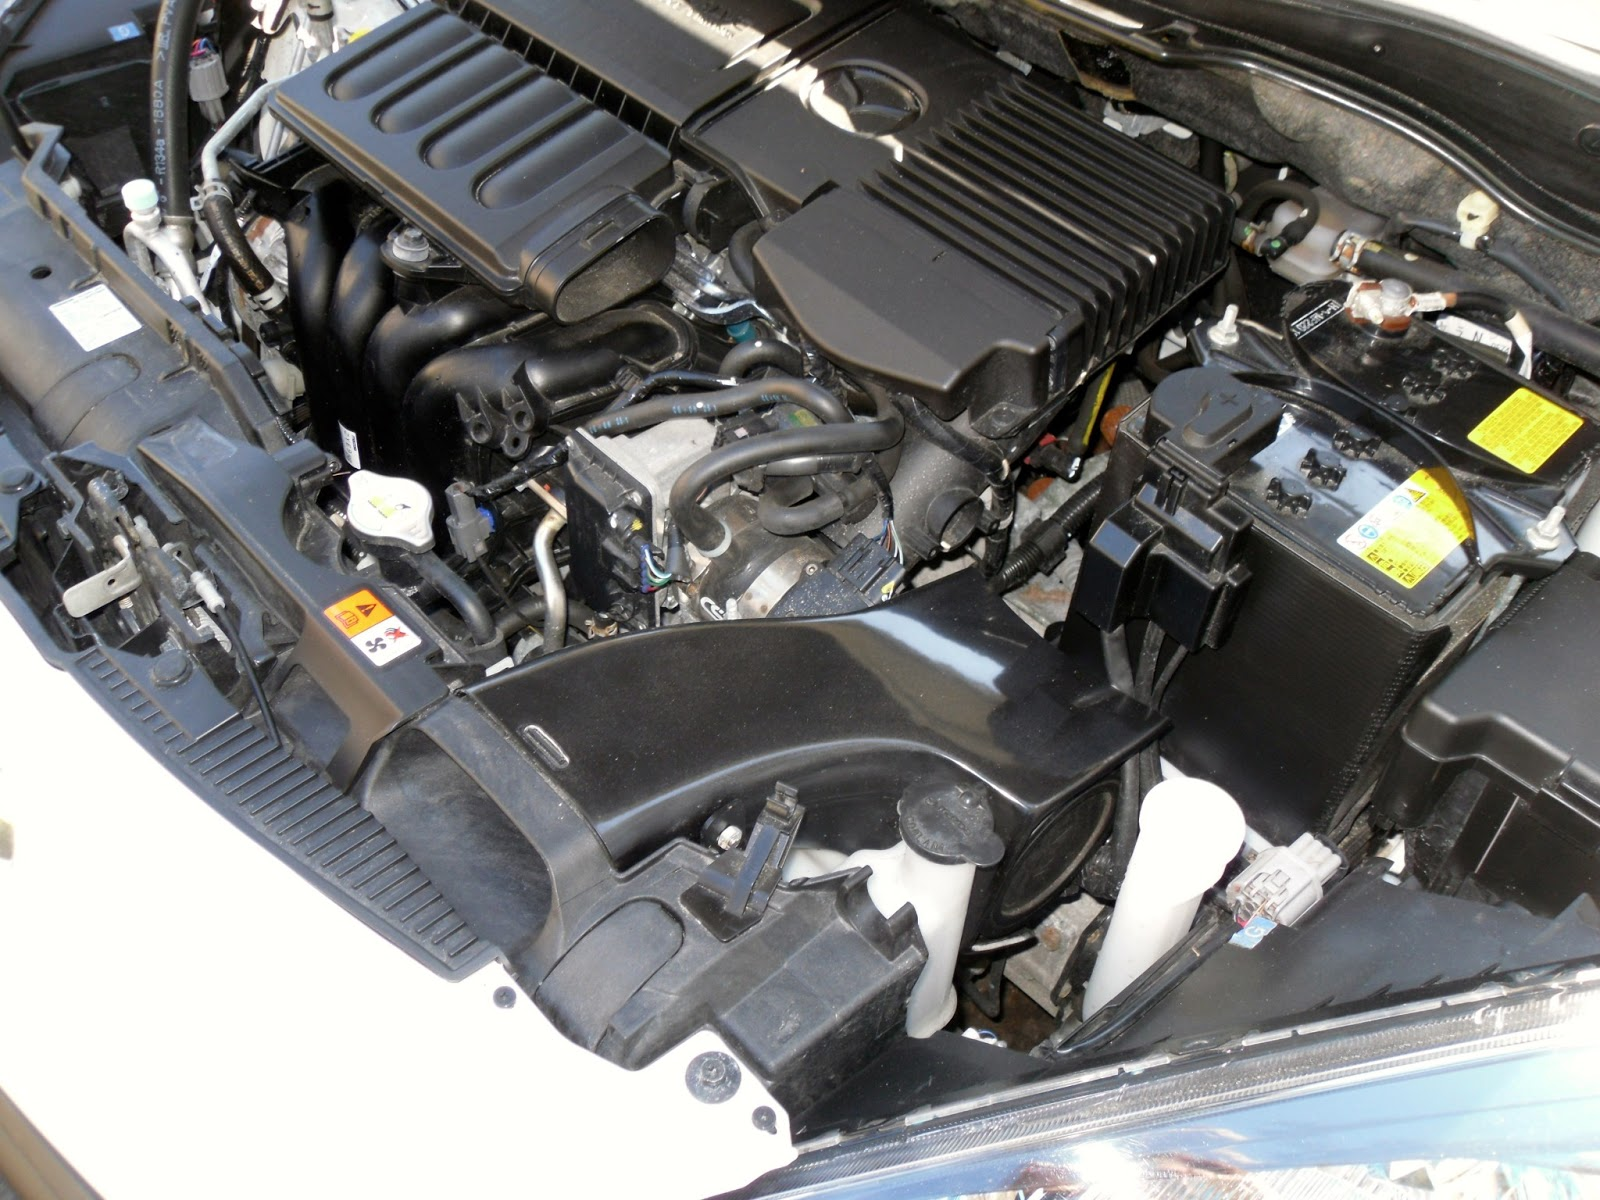 Domii's Mazda 2: 2013